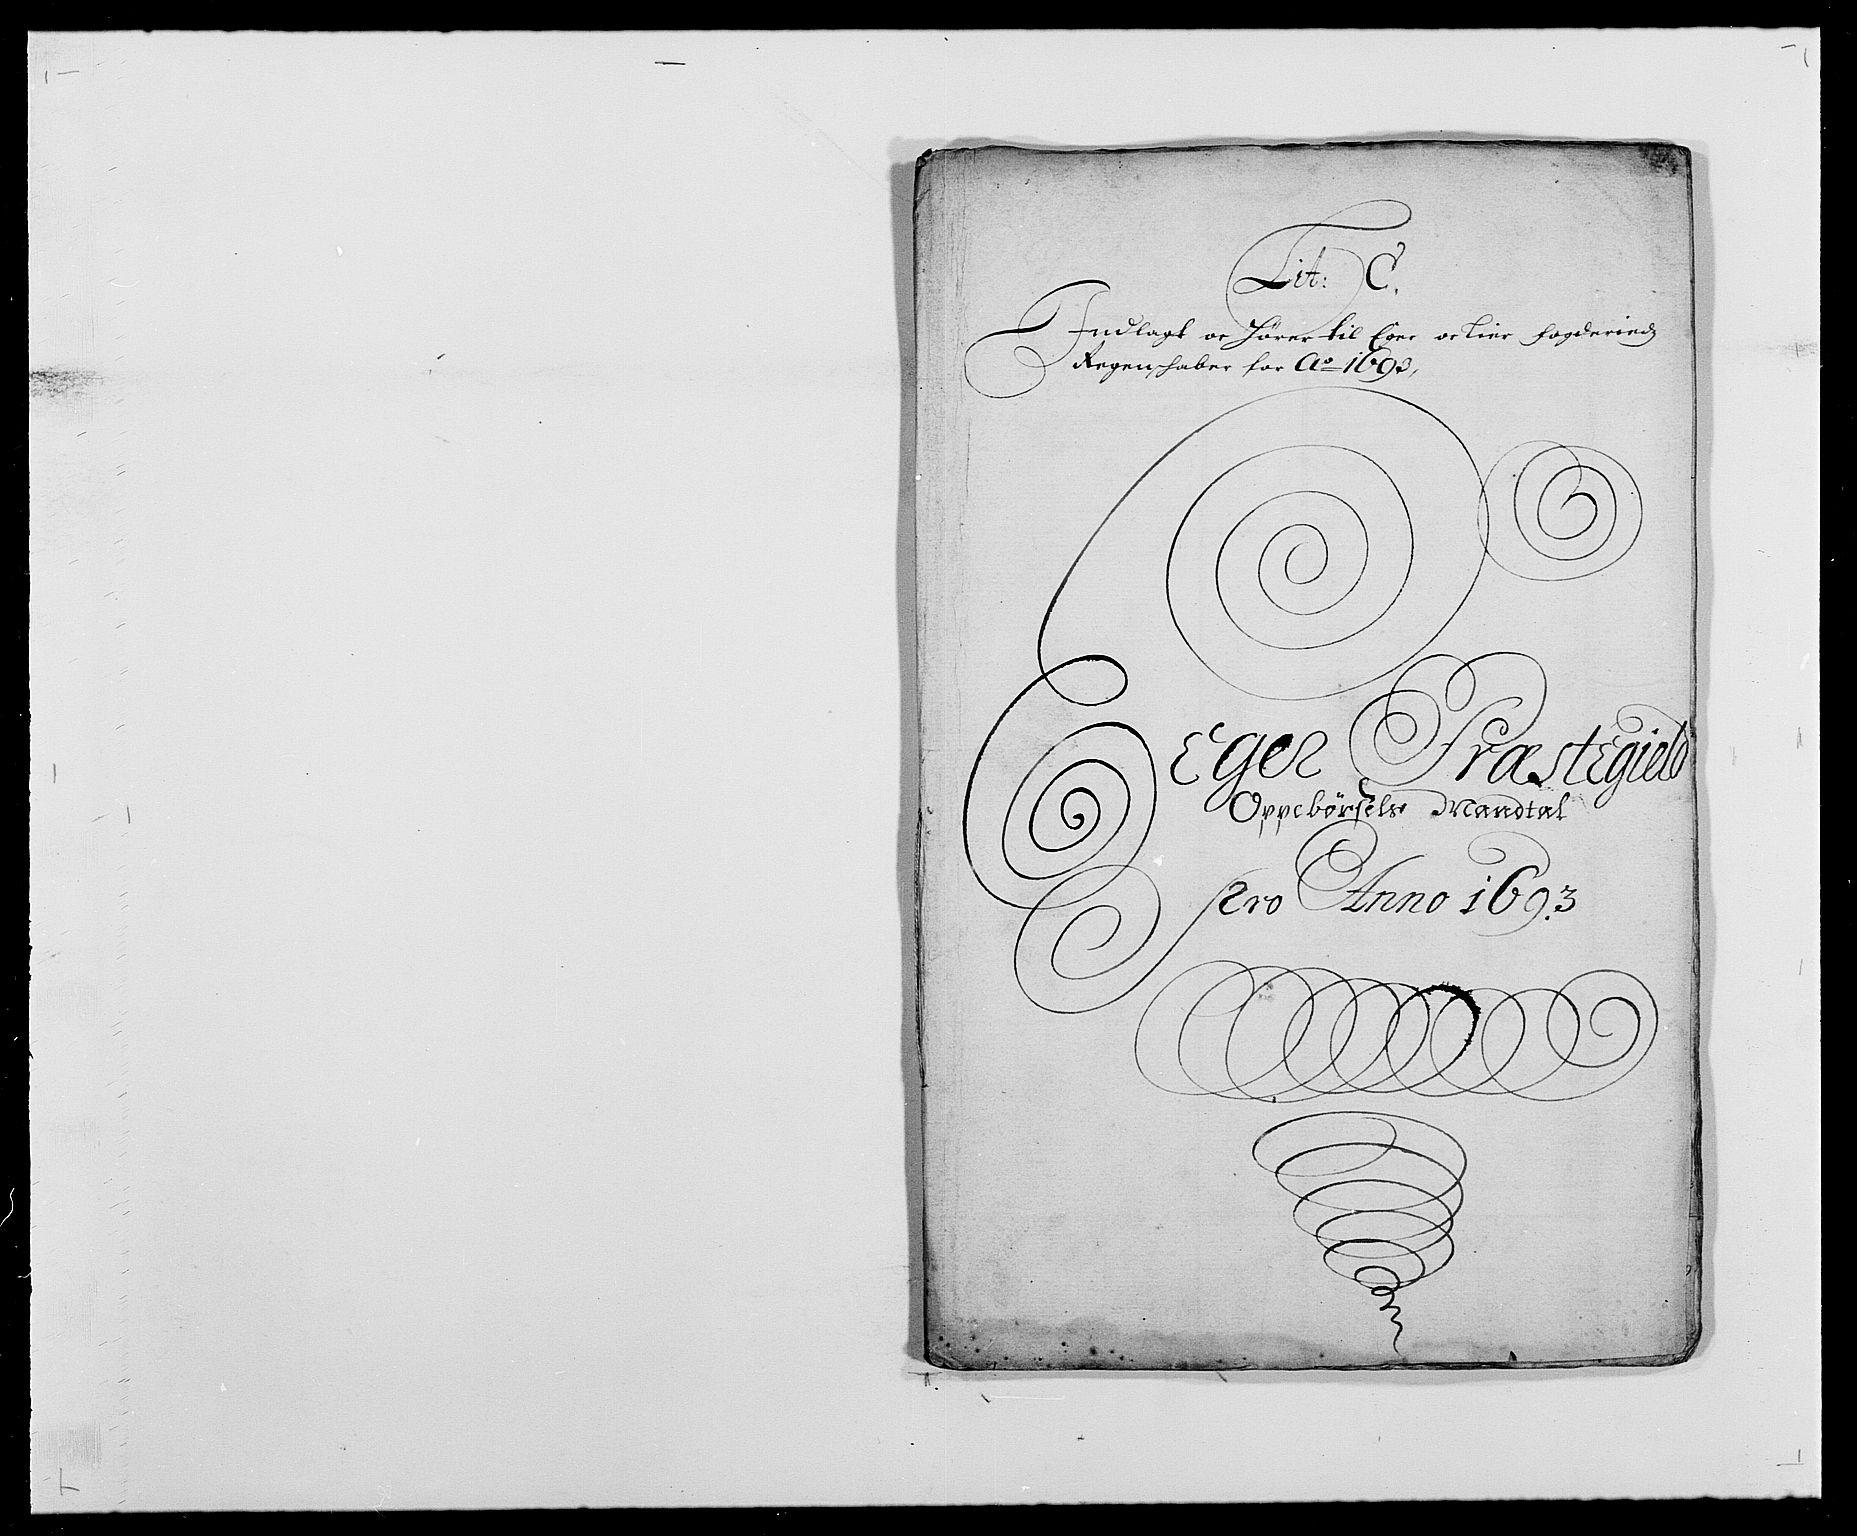 RA, Rentekammeret inntil 1814, Reviderte regnskaper, Fogderegnskap, R28/L1690: Fogderegnskap Eiker og Lier, 1692-1693, s. 146